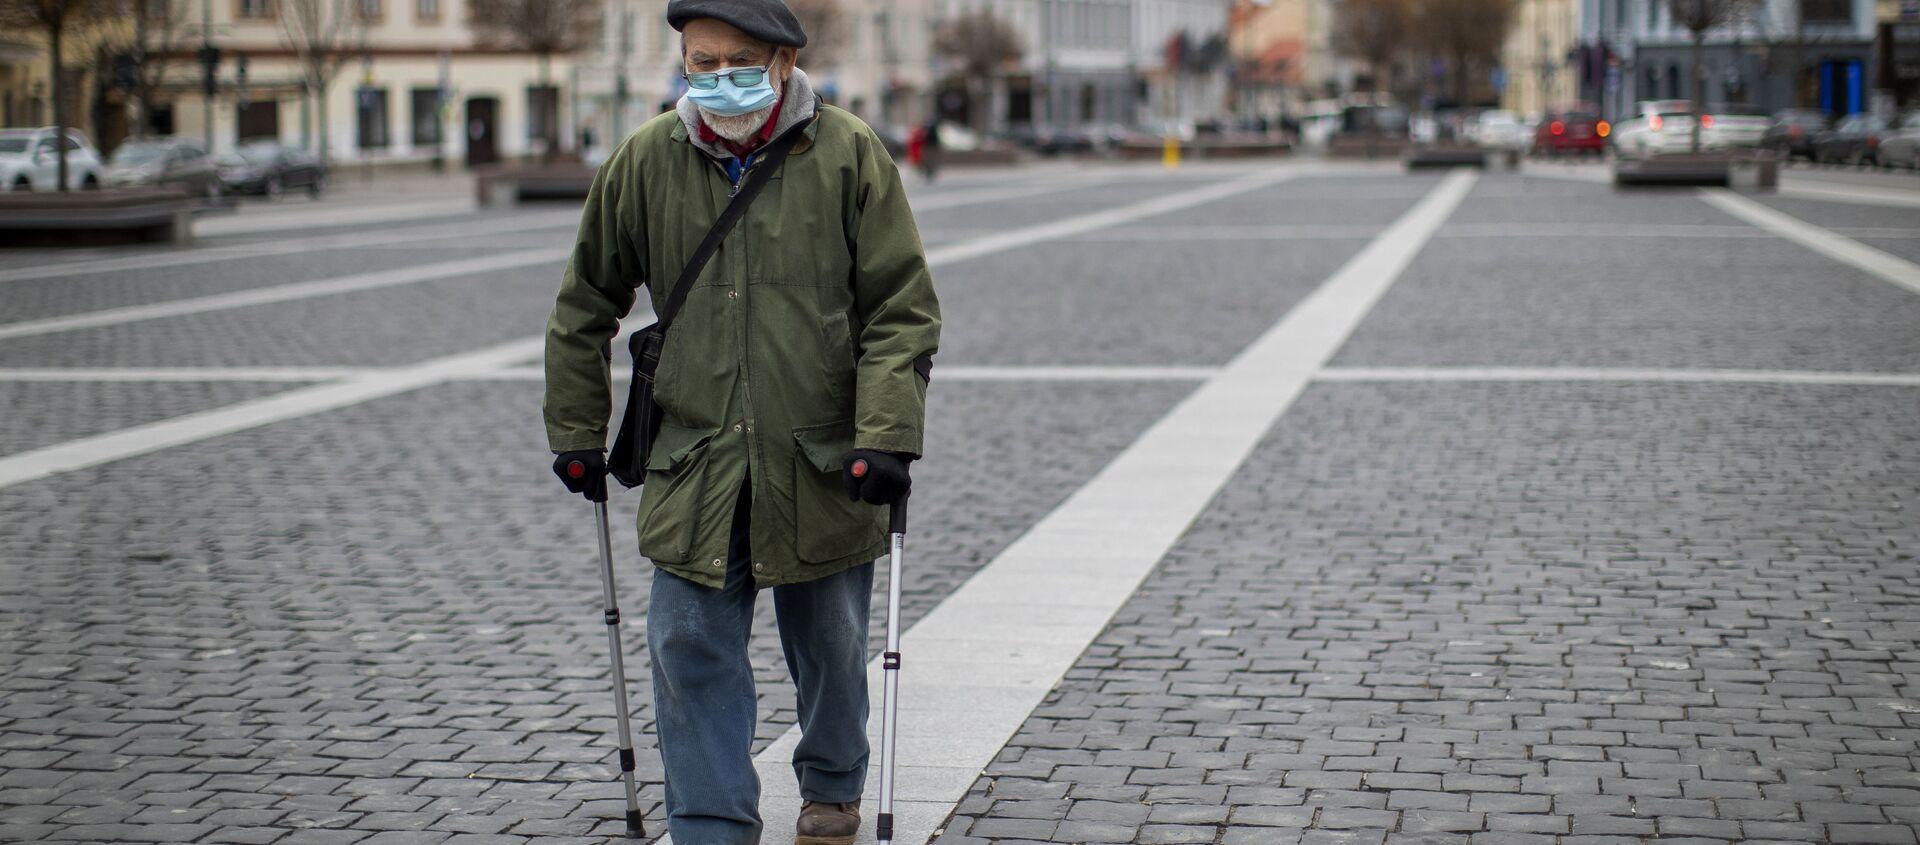 Пожилой человек в маске - Sputnik Южная Осетия, 1920, 30.09.2021